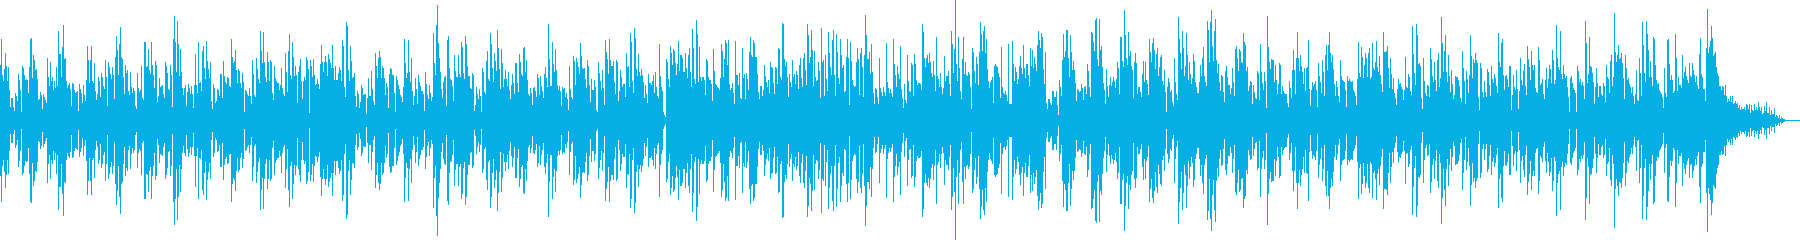 昭和のロカビリーロック,生スライドギターの再生済みの波形